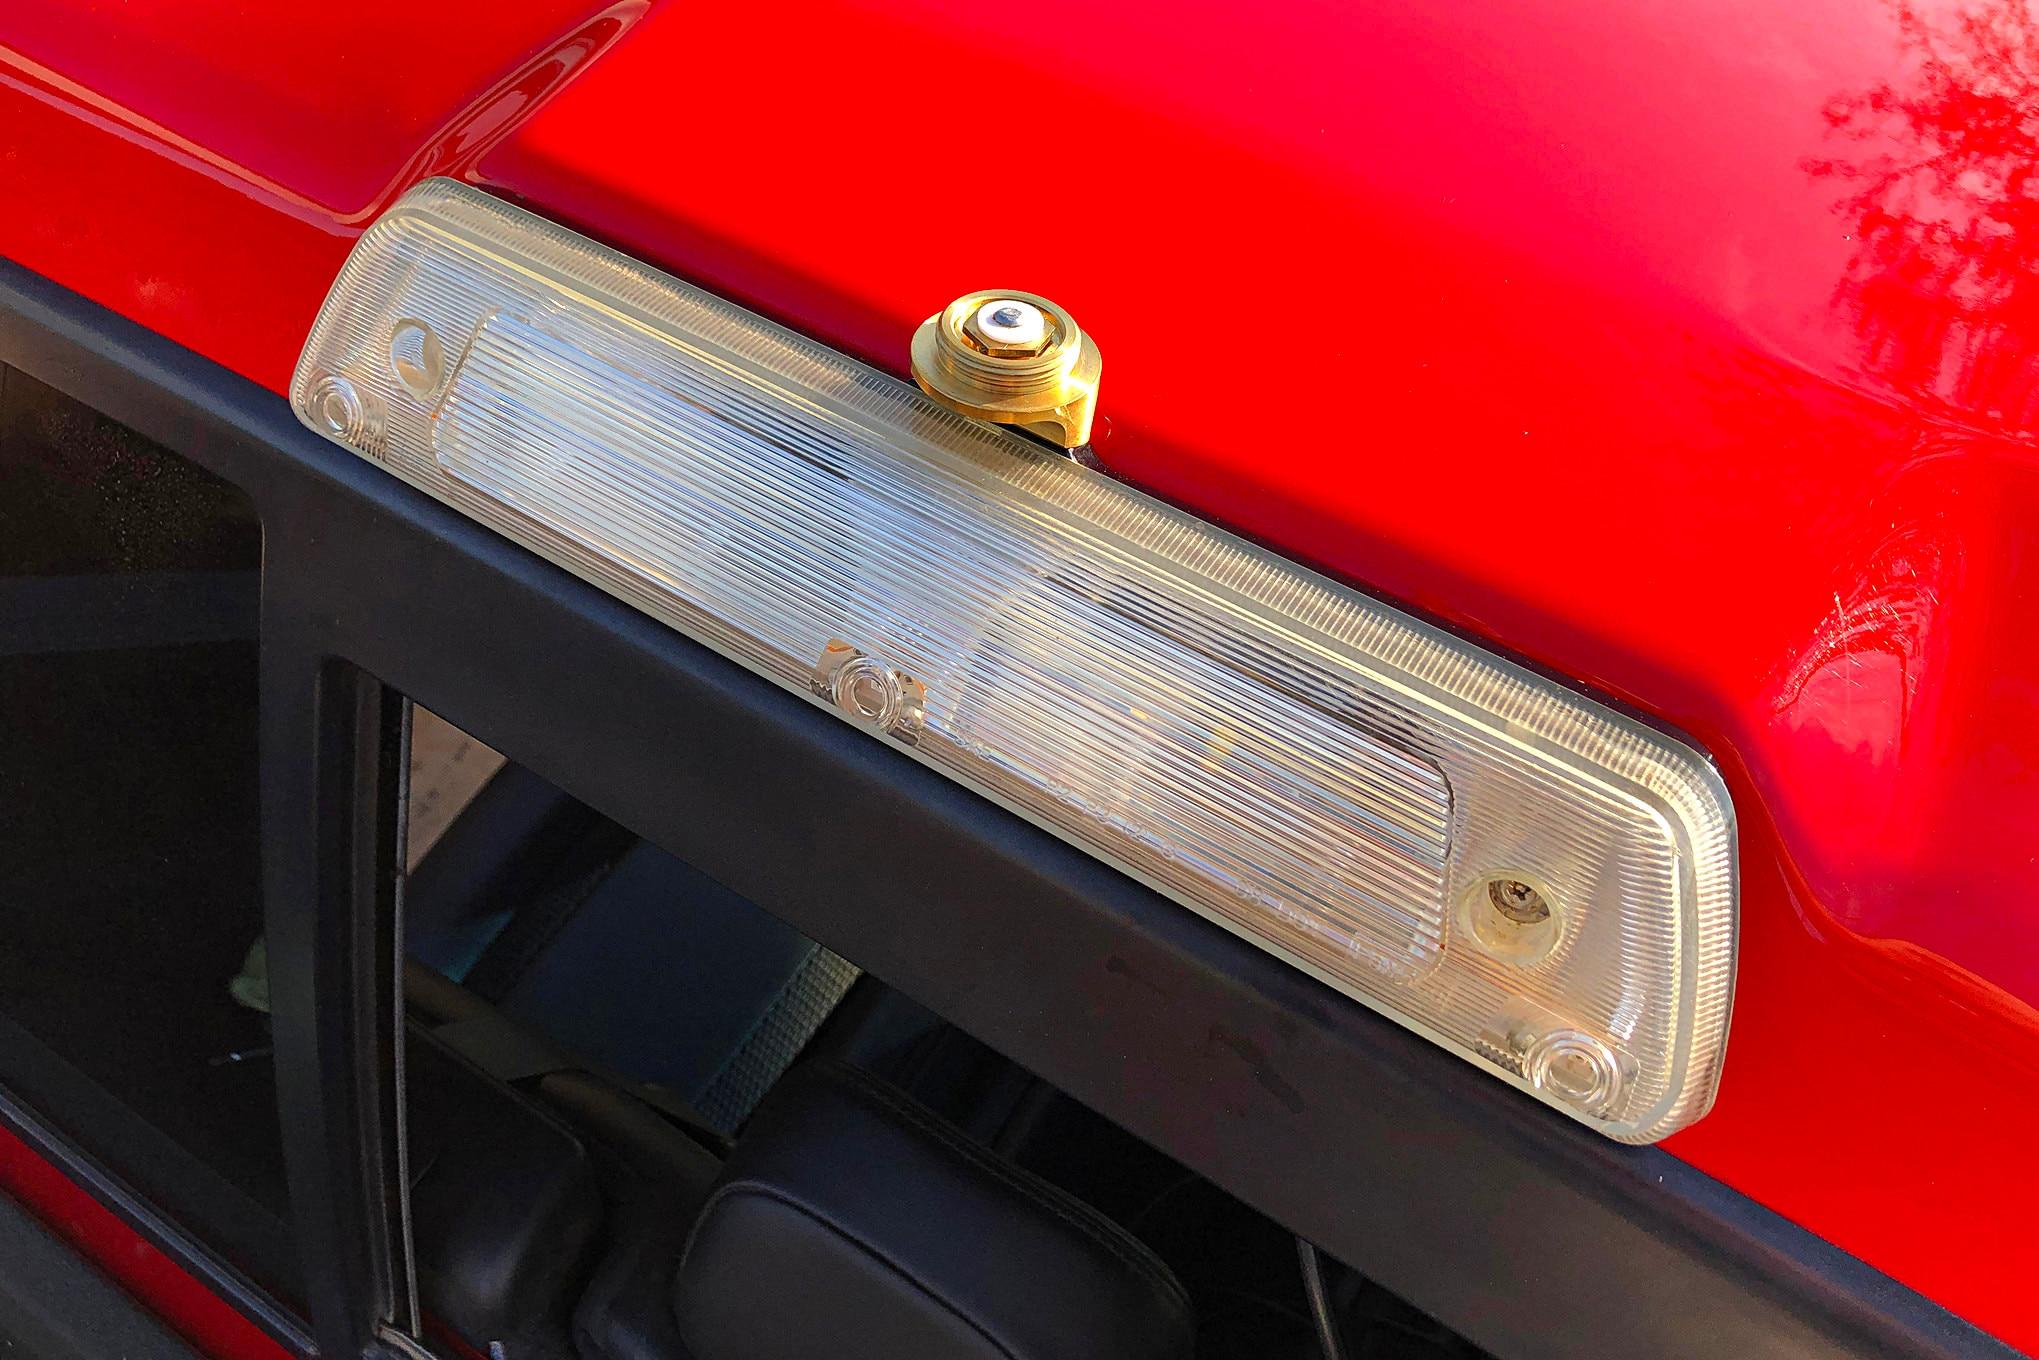 Installing BulletProof Diesel's Race Radio Antenna Mount